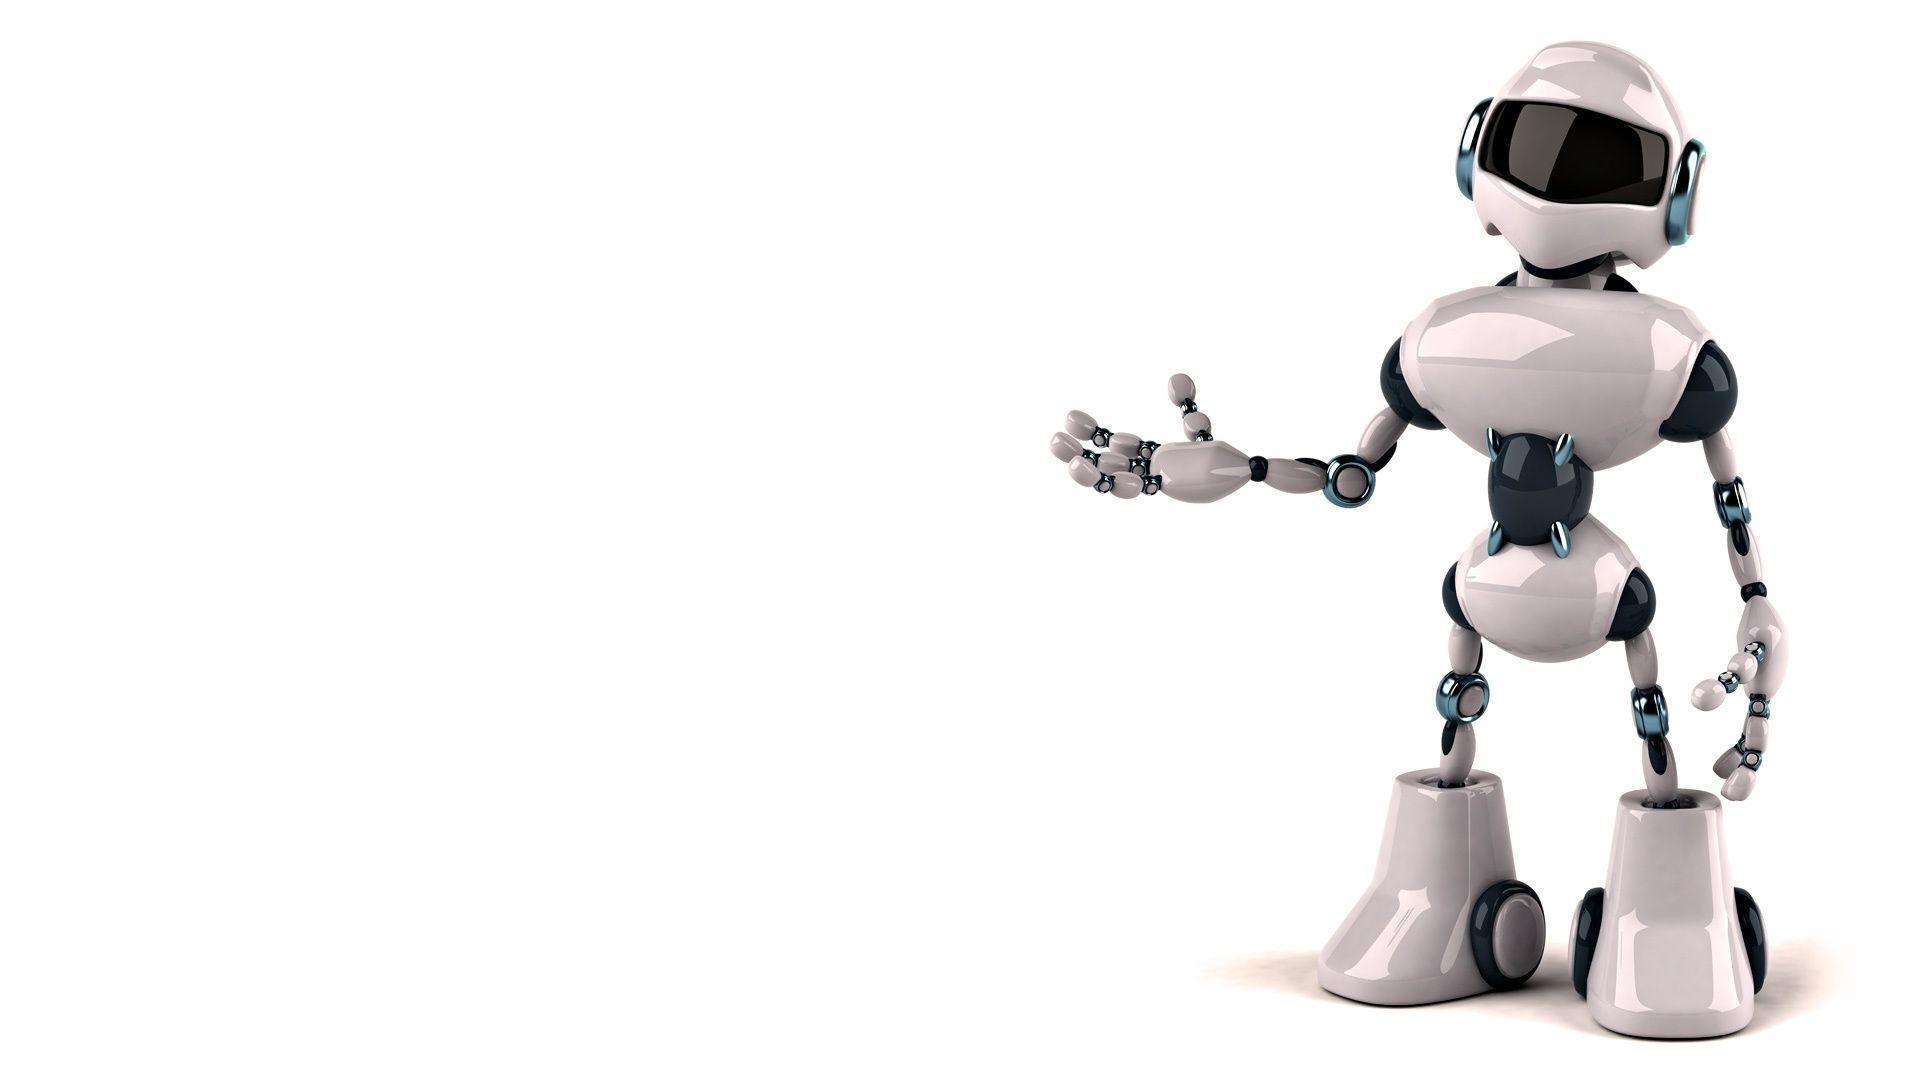 cute Robot Love Wallpaper : cute Robot Wallpapers - Wallpaper cave